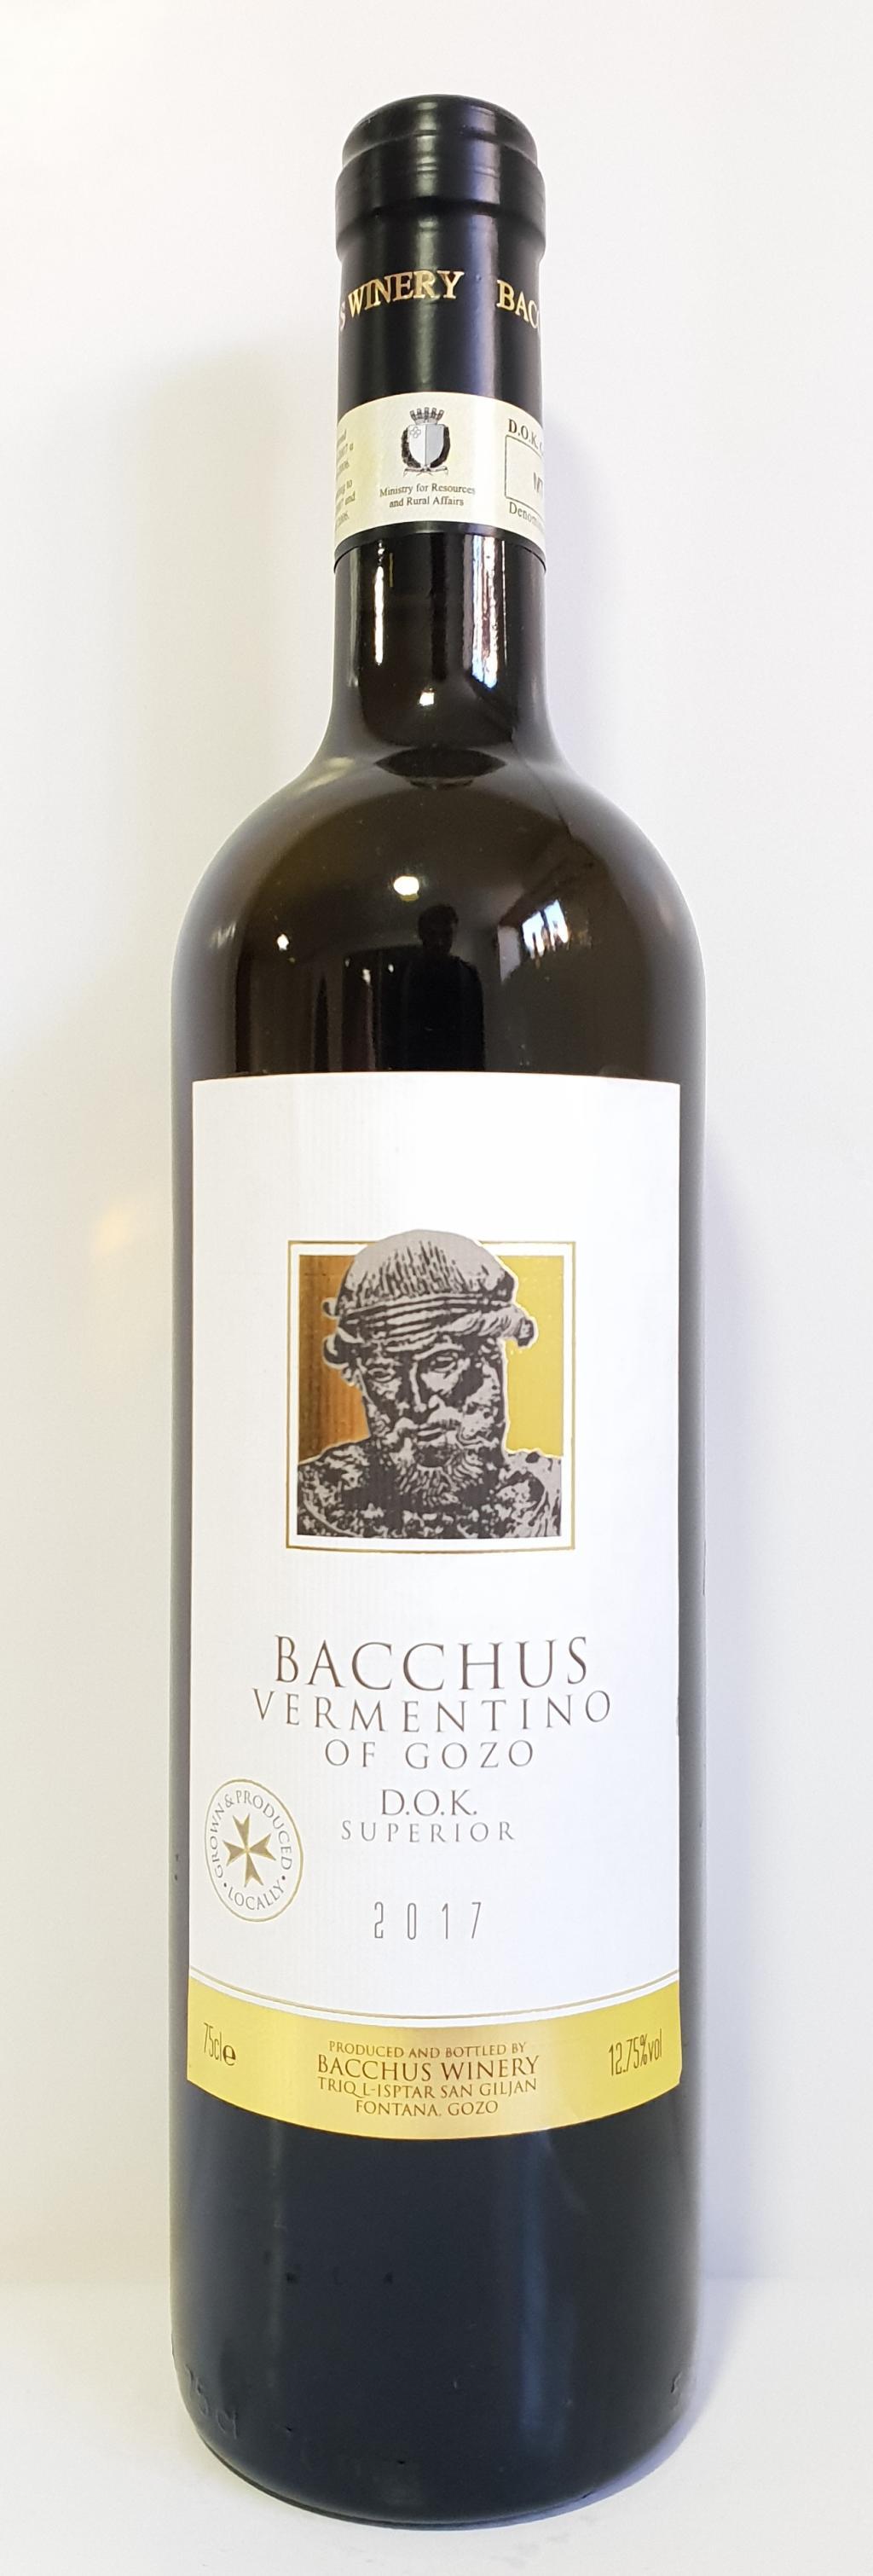 BACCHUS VERMENTINO 75CL